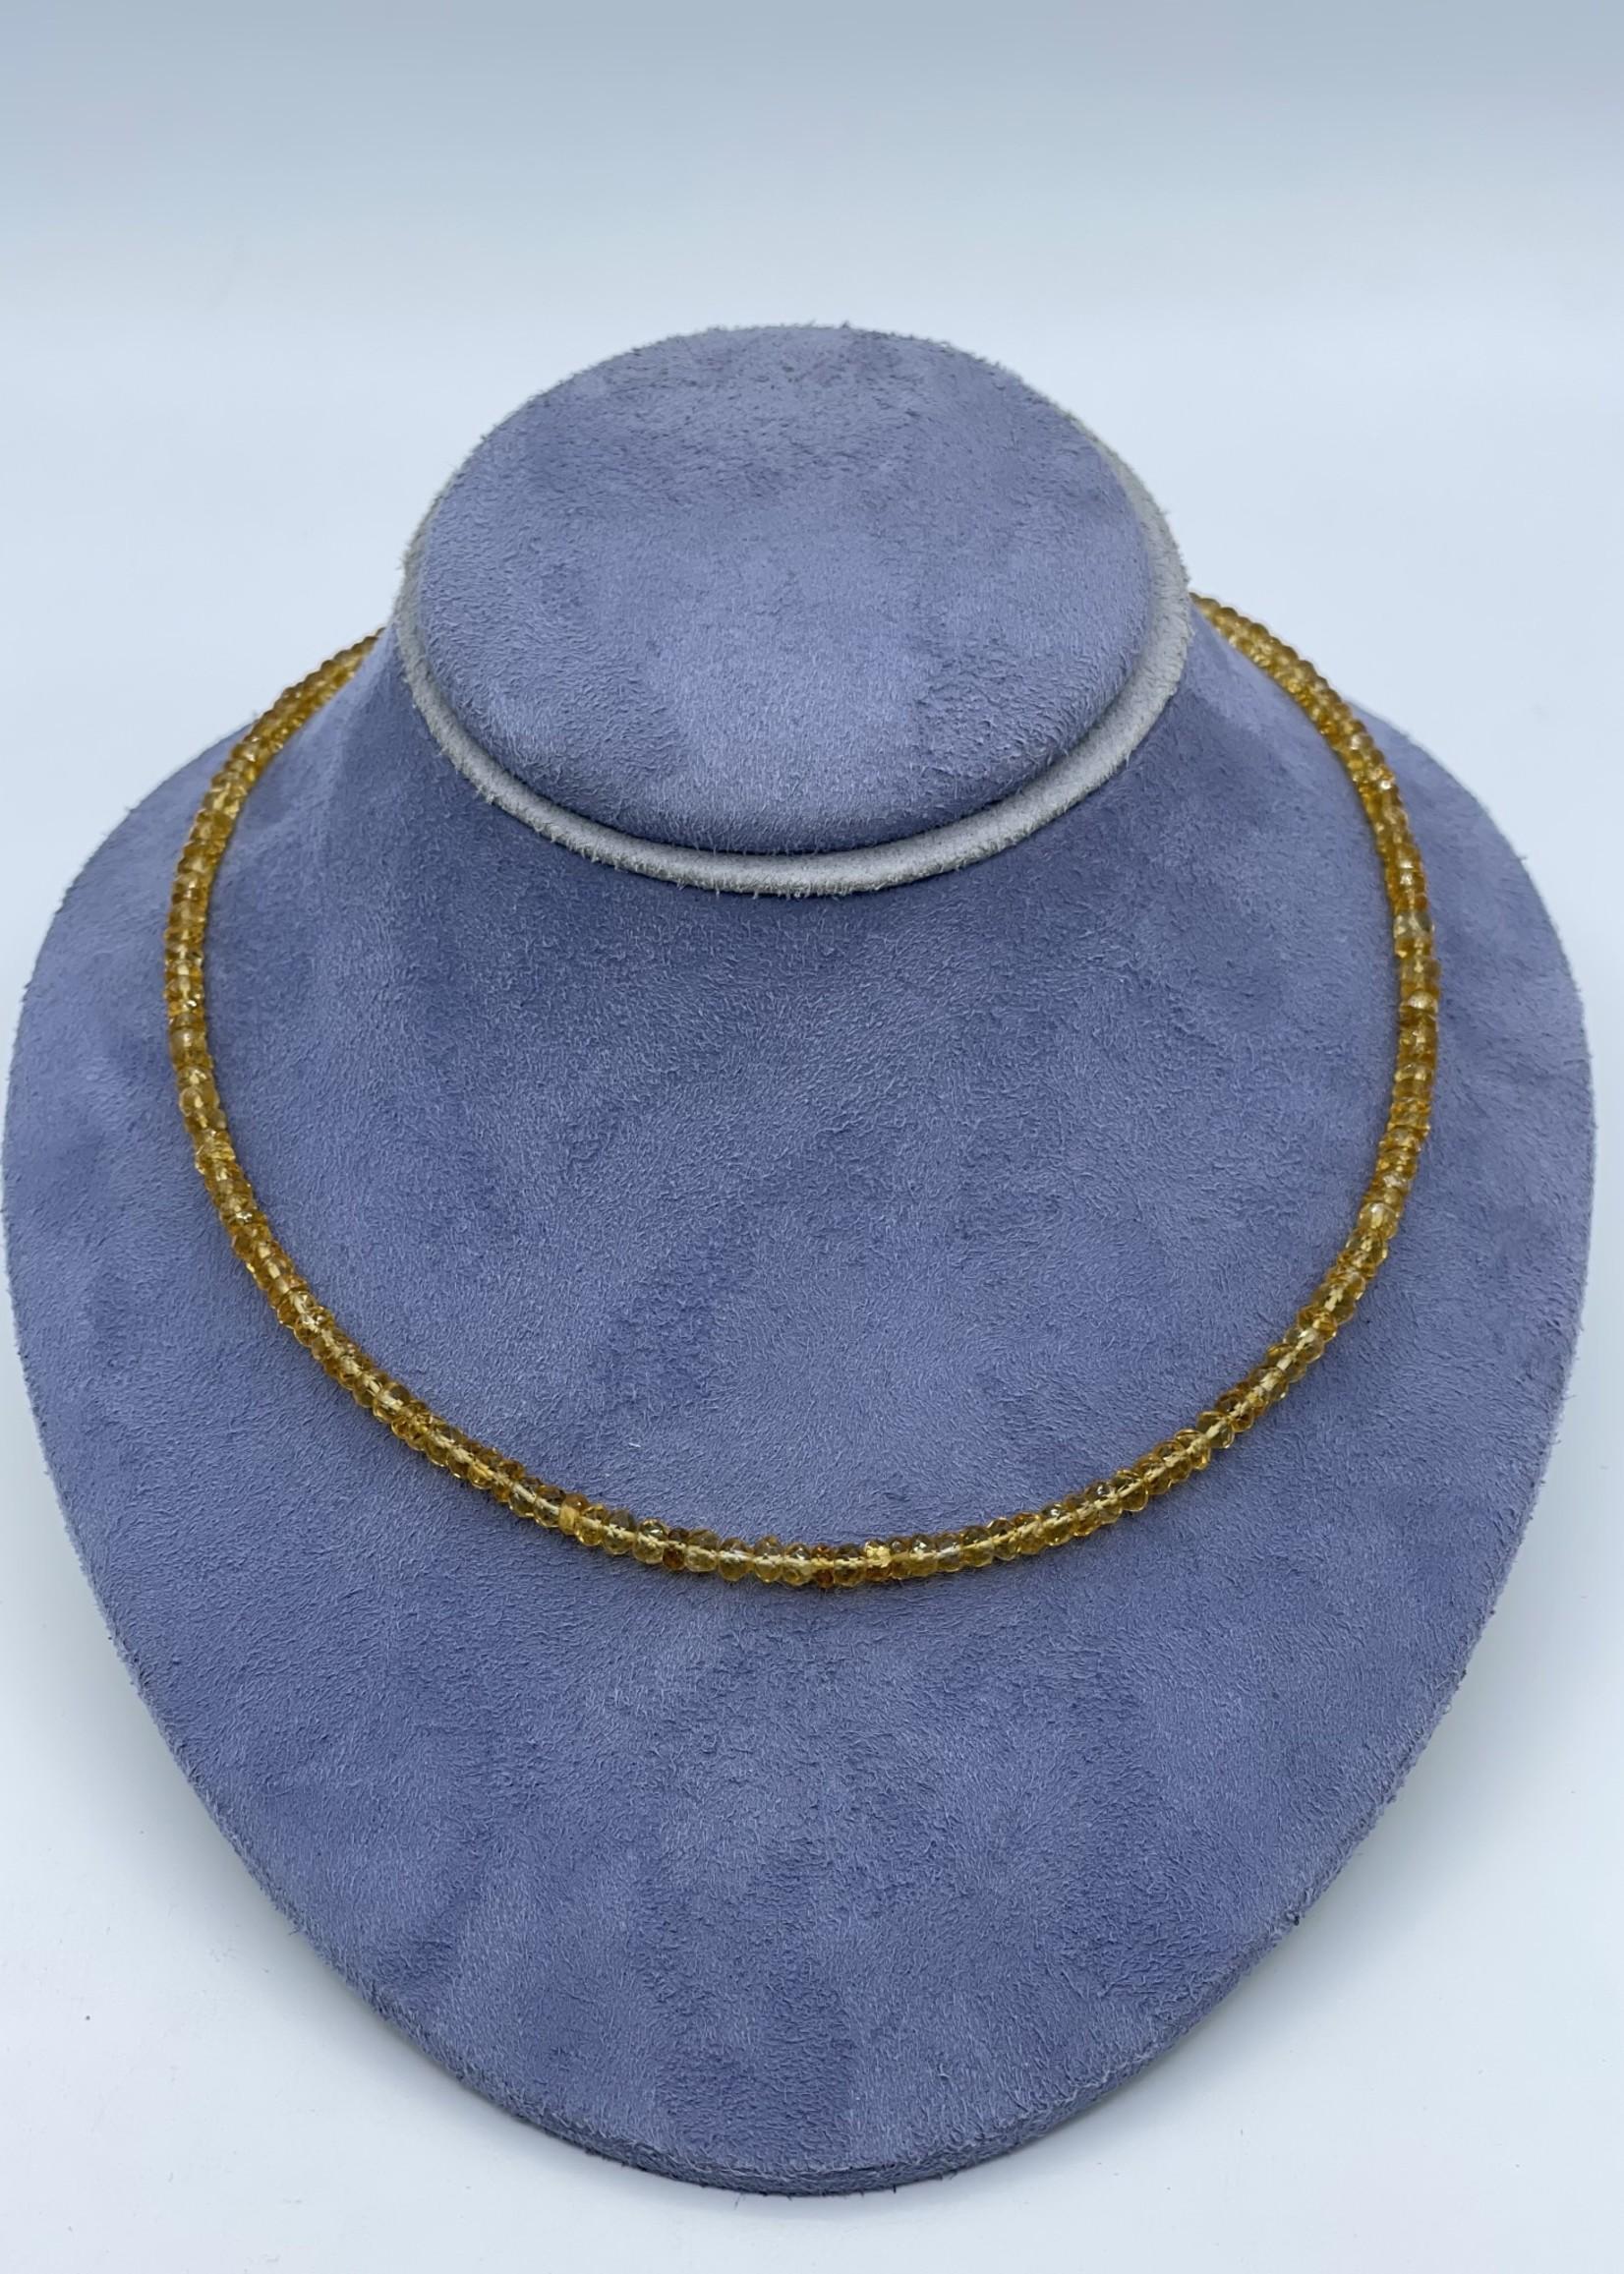 Raymond Mazza Inc 14kY 17'' Citrine Bead Necklace